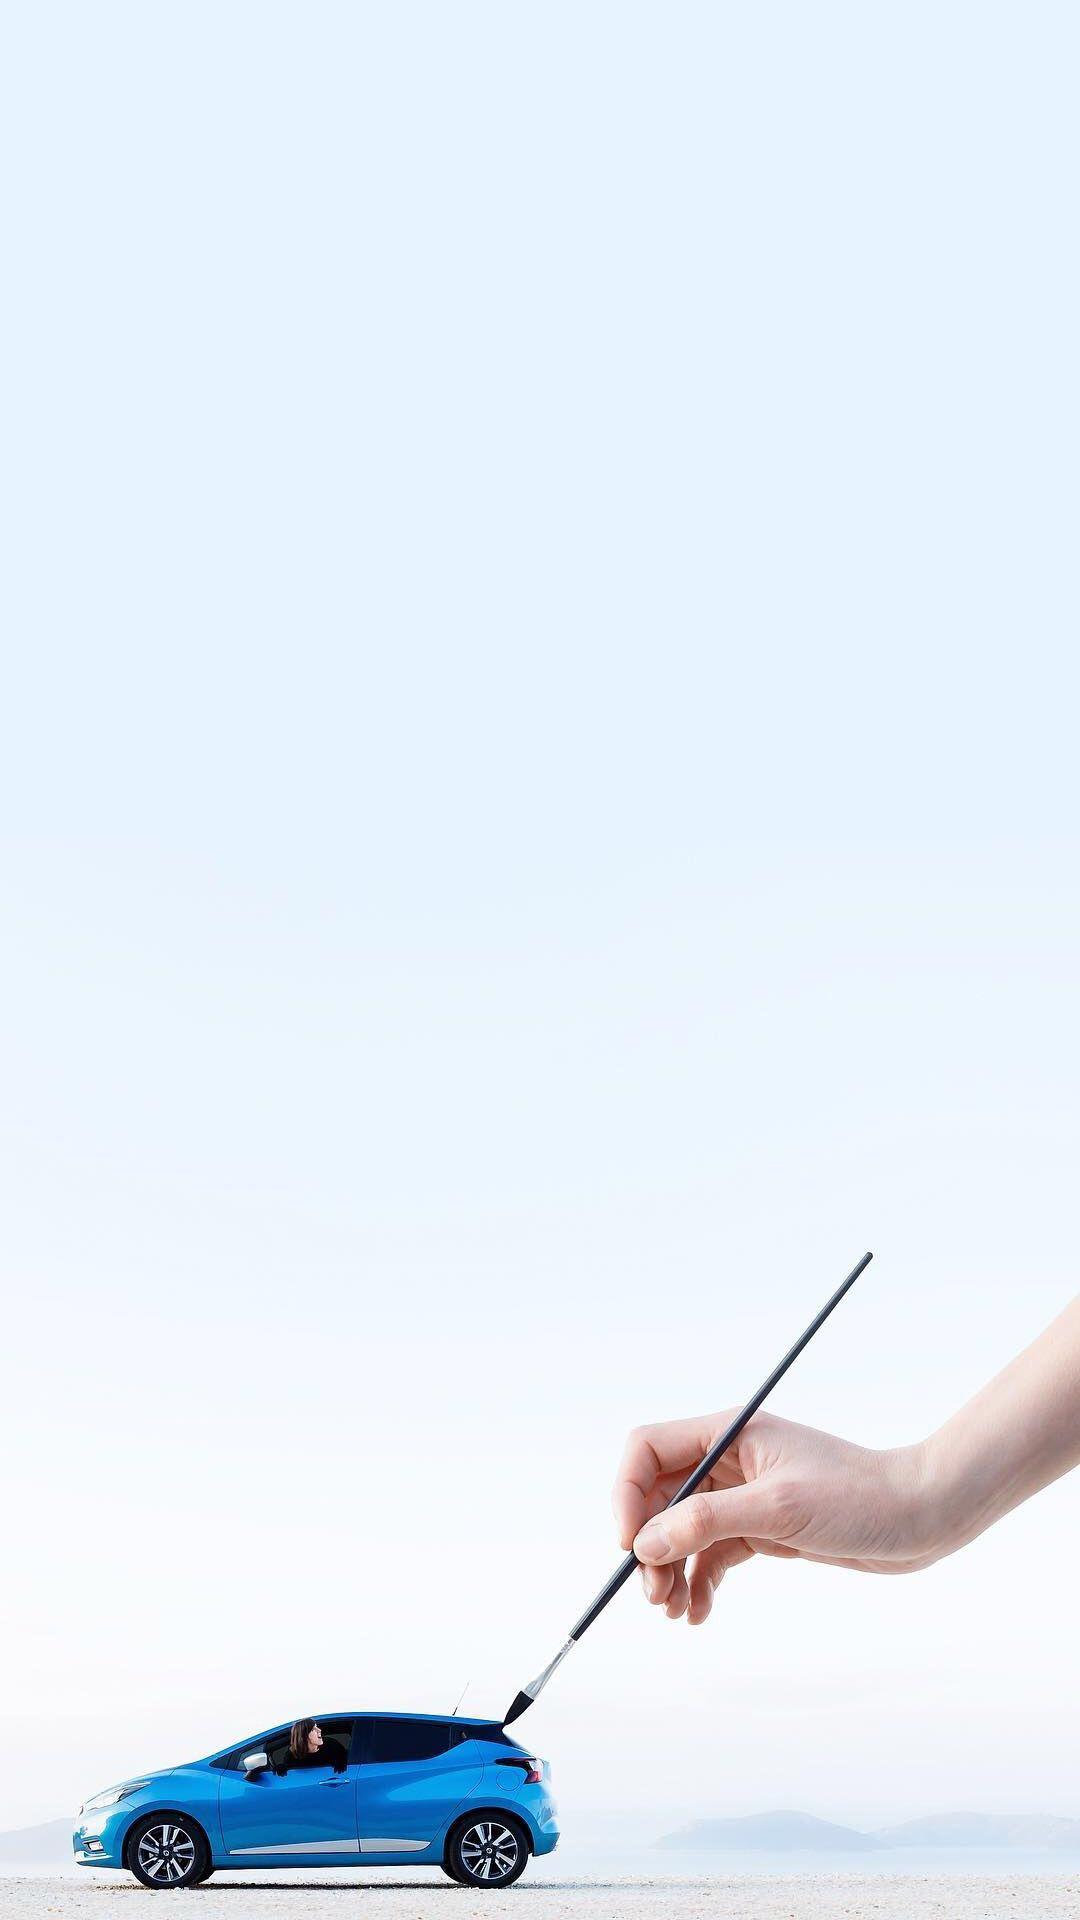 水墨 蓝色 白色 水墨画 苹果手机高清壁纸 1080x1920 爱思助手